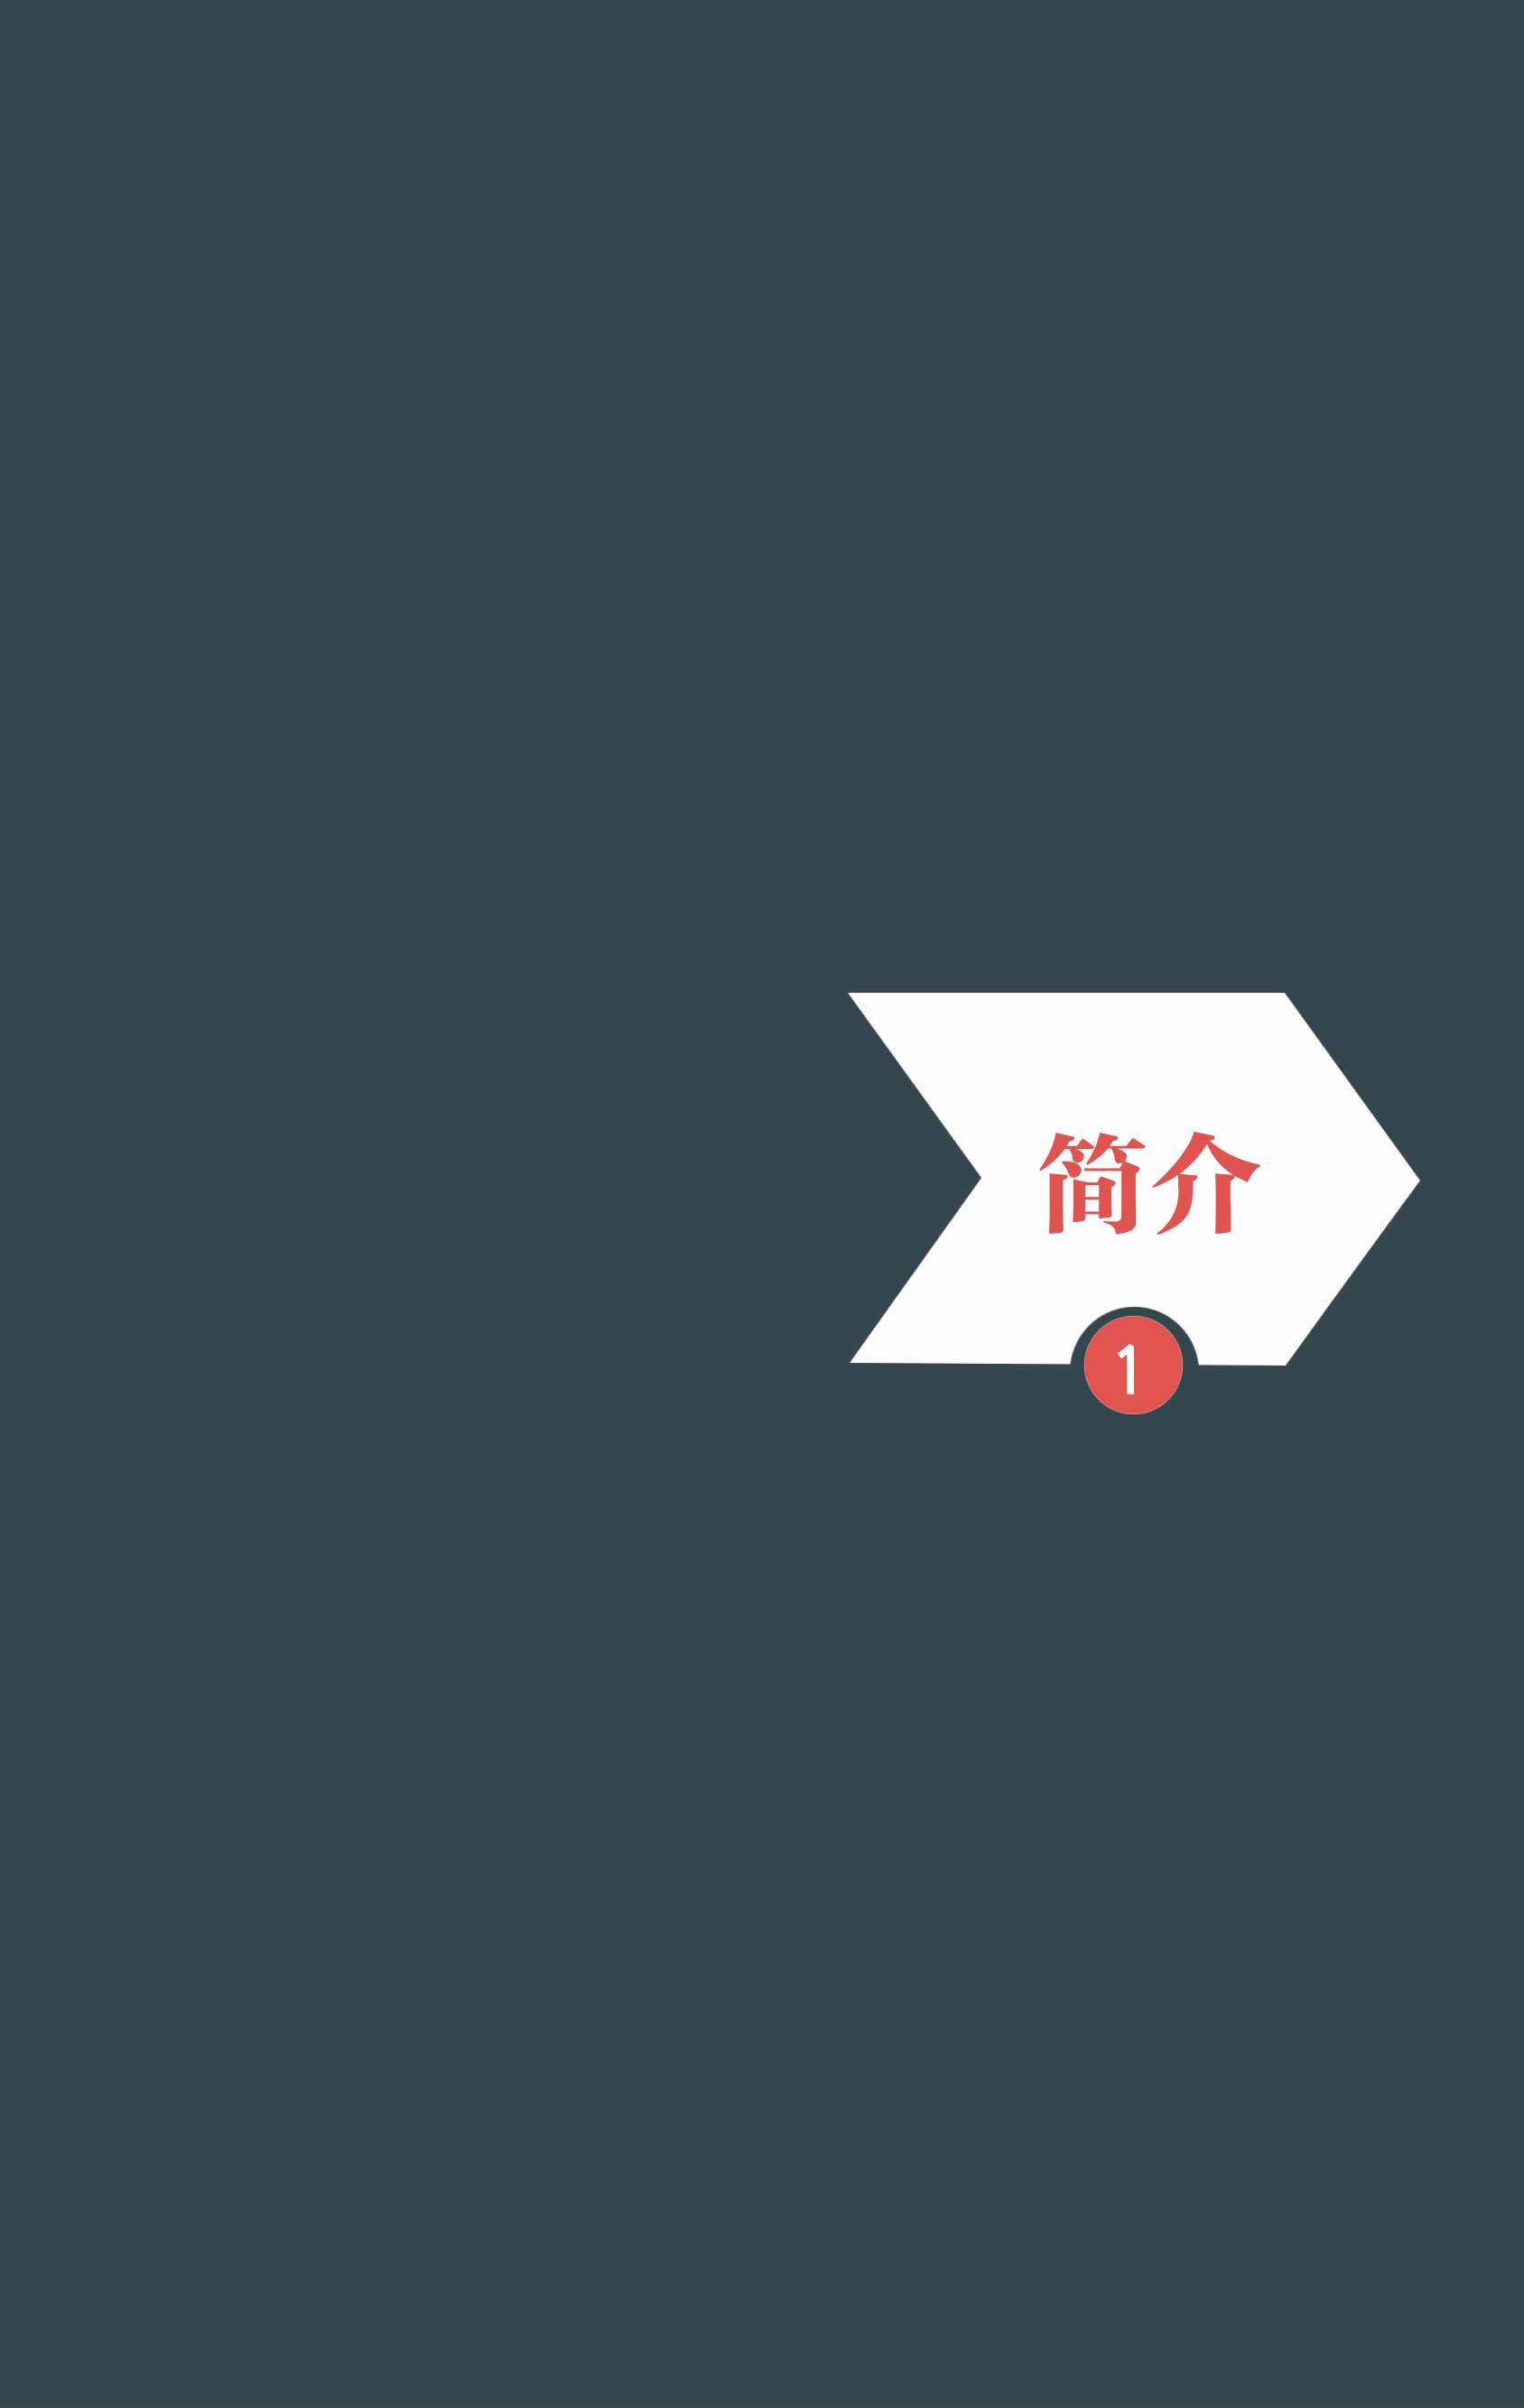 2018年佛山日报广告刊例